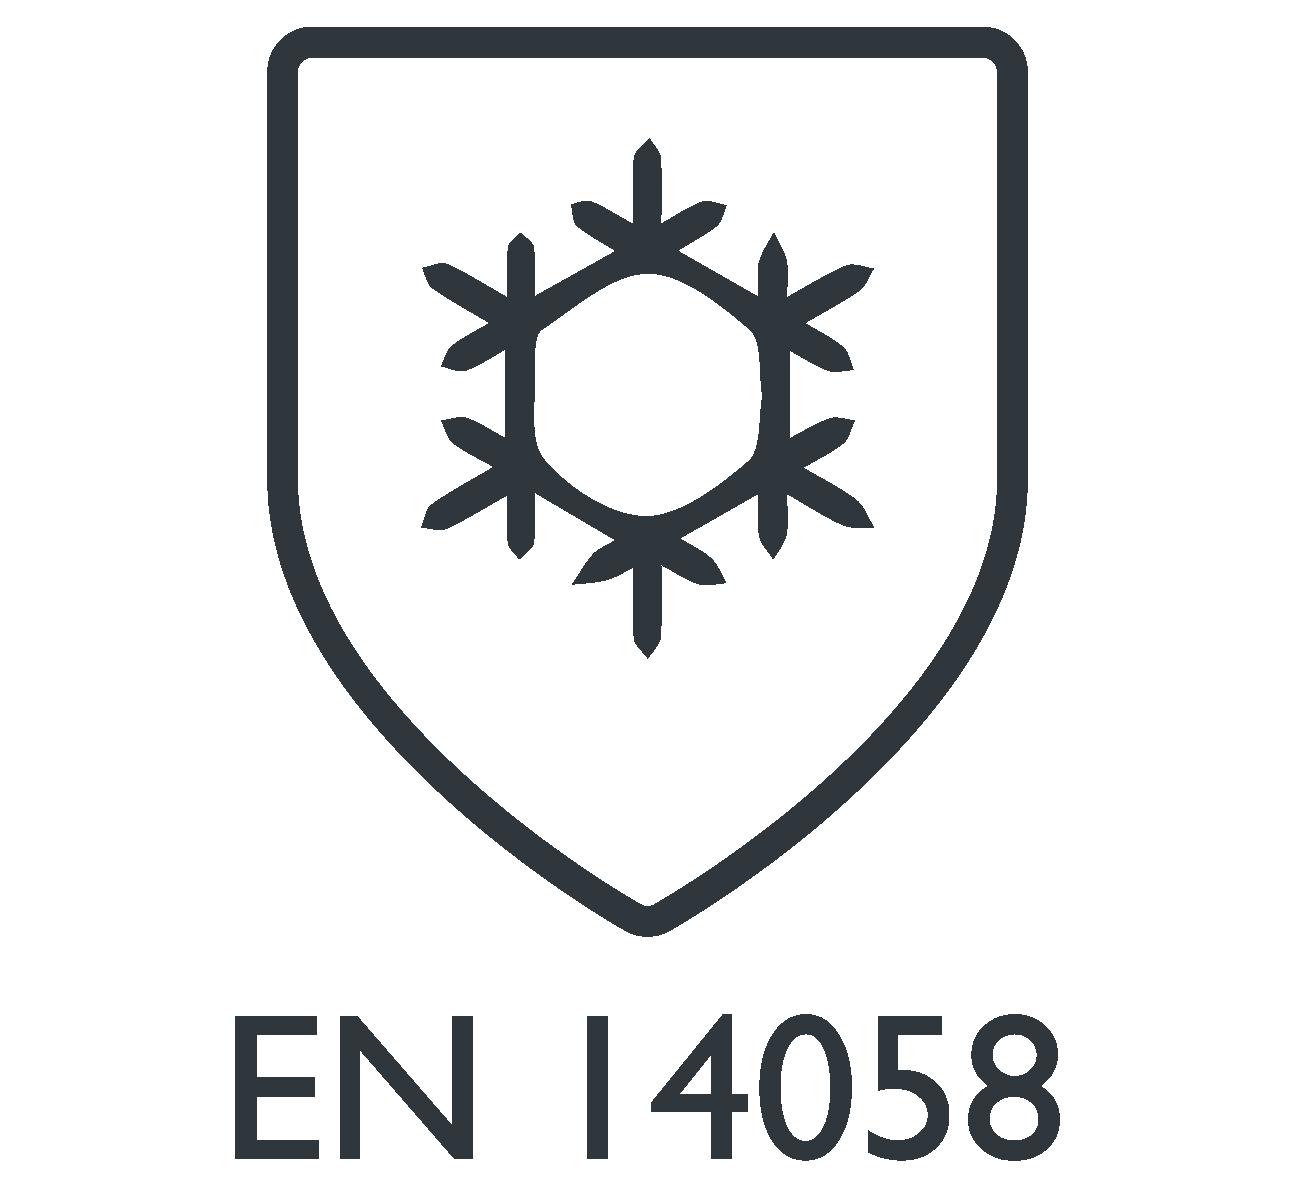 Vestuário de proteção contra frio EN 14058 Marina Textil